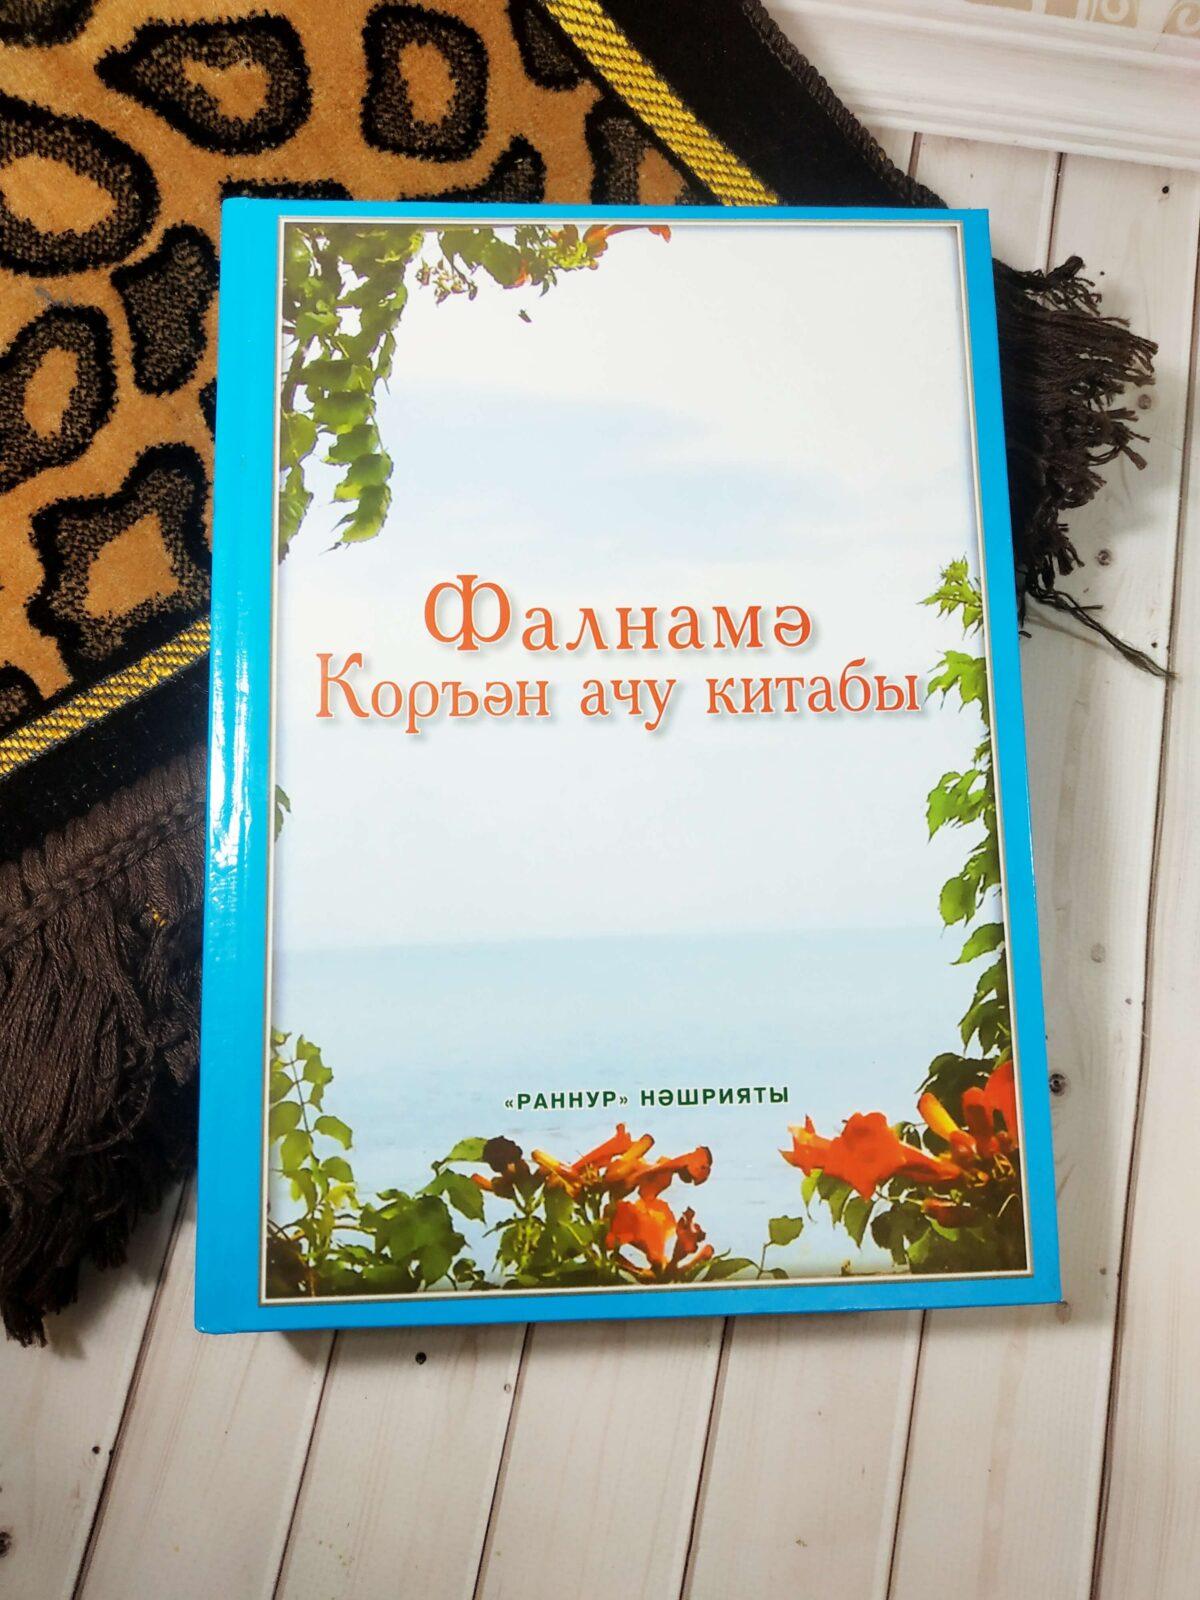 Коран Фалнама